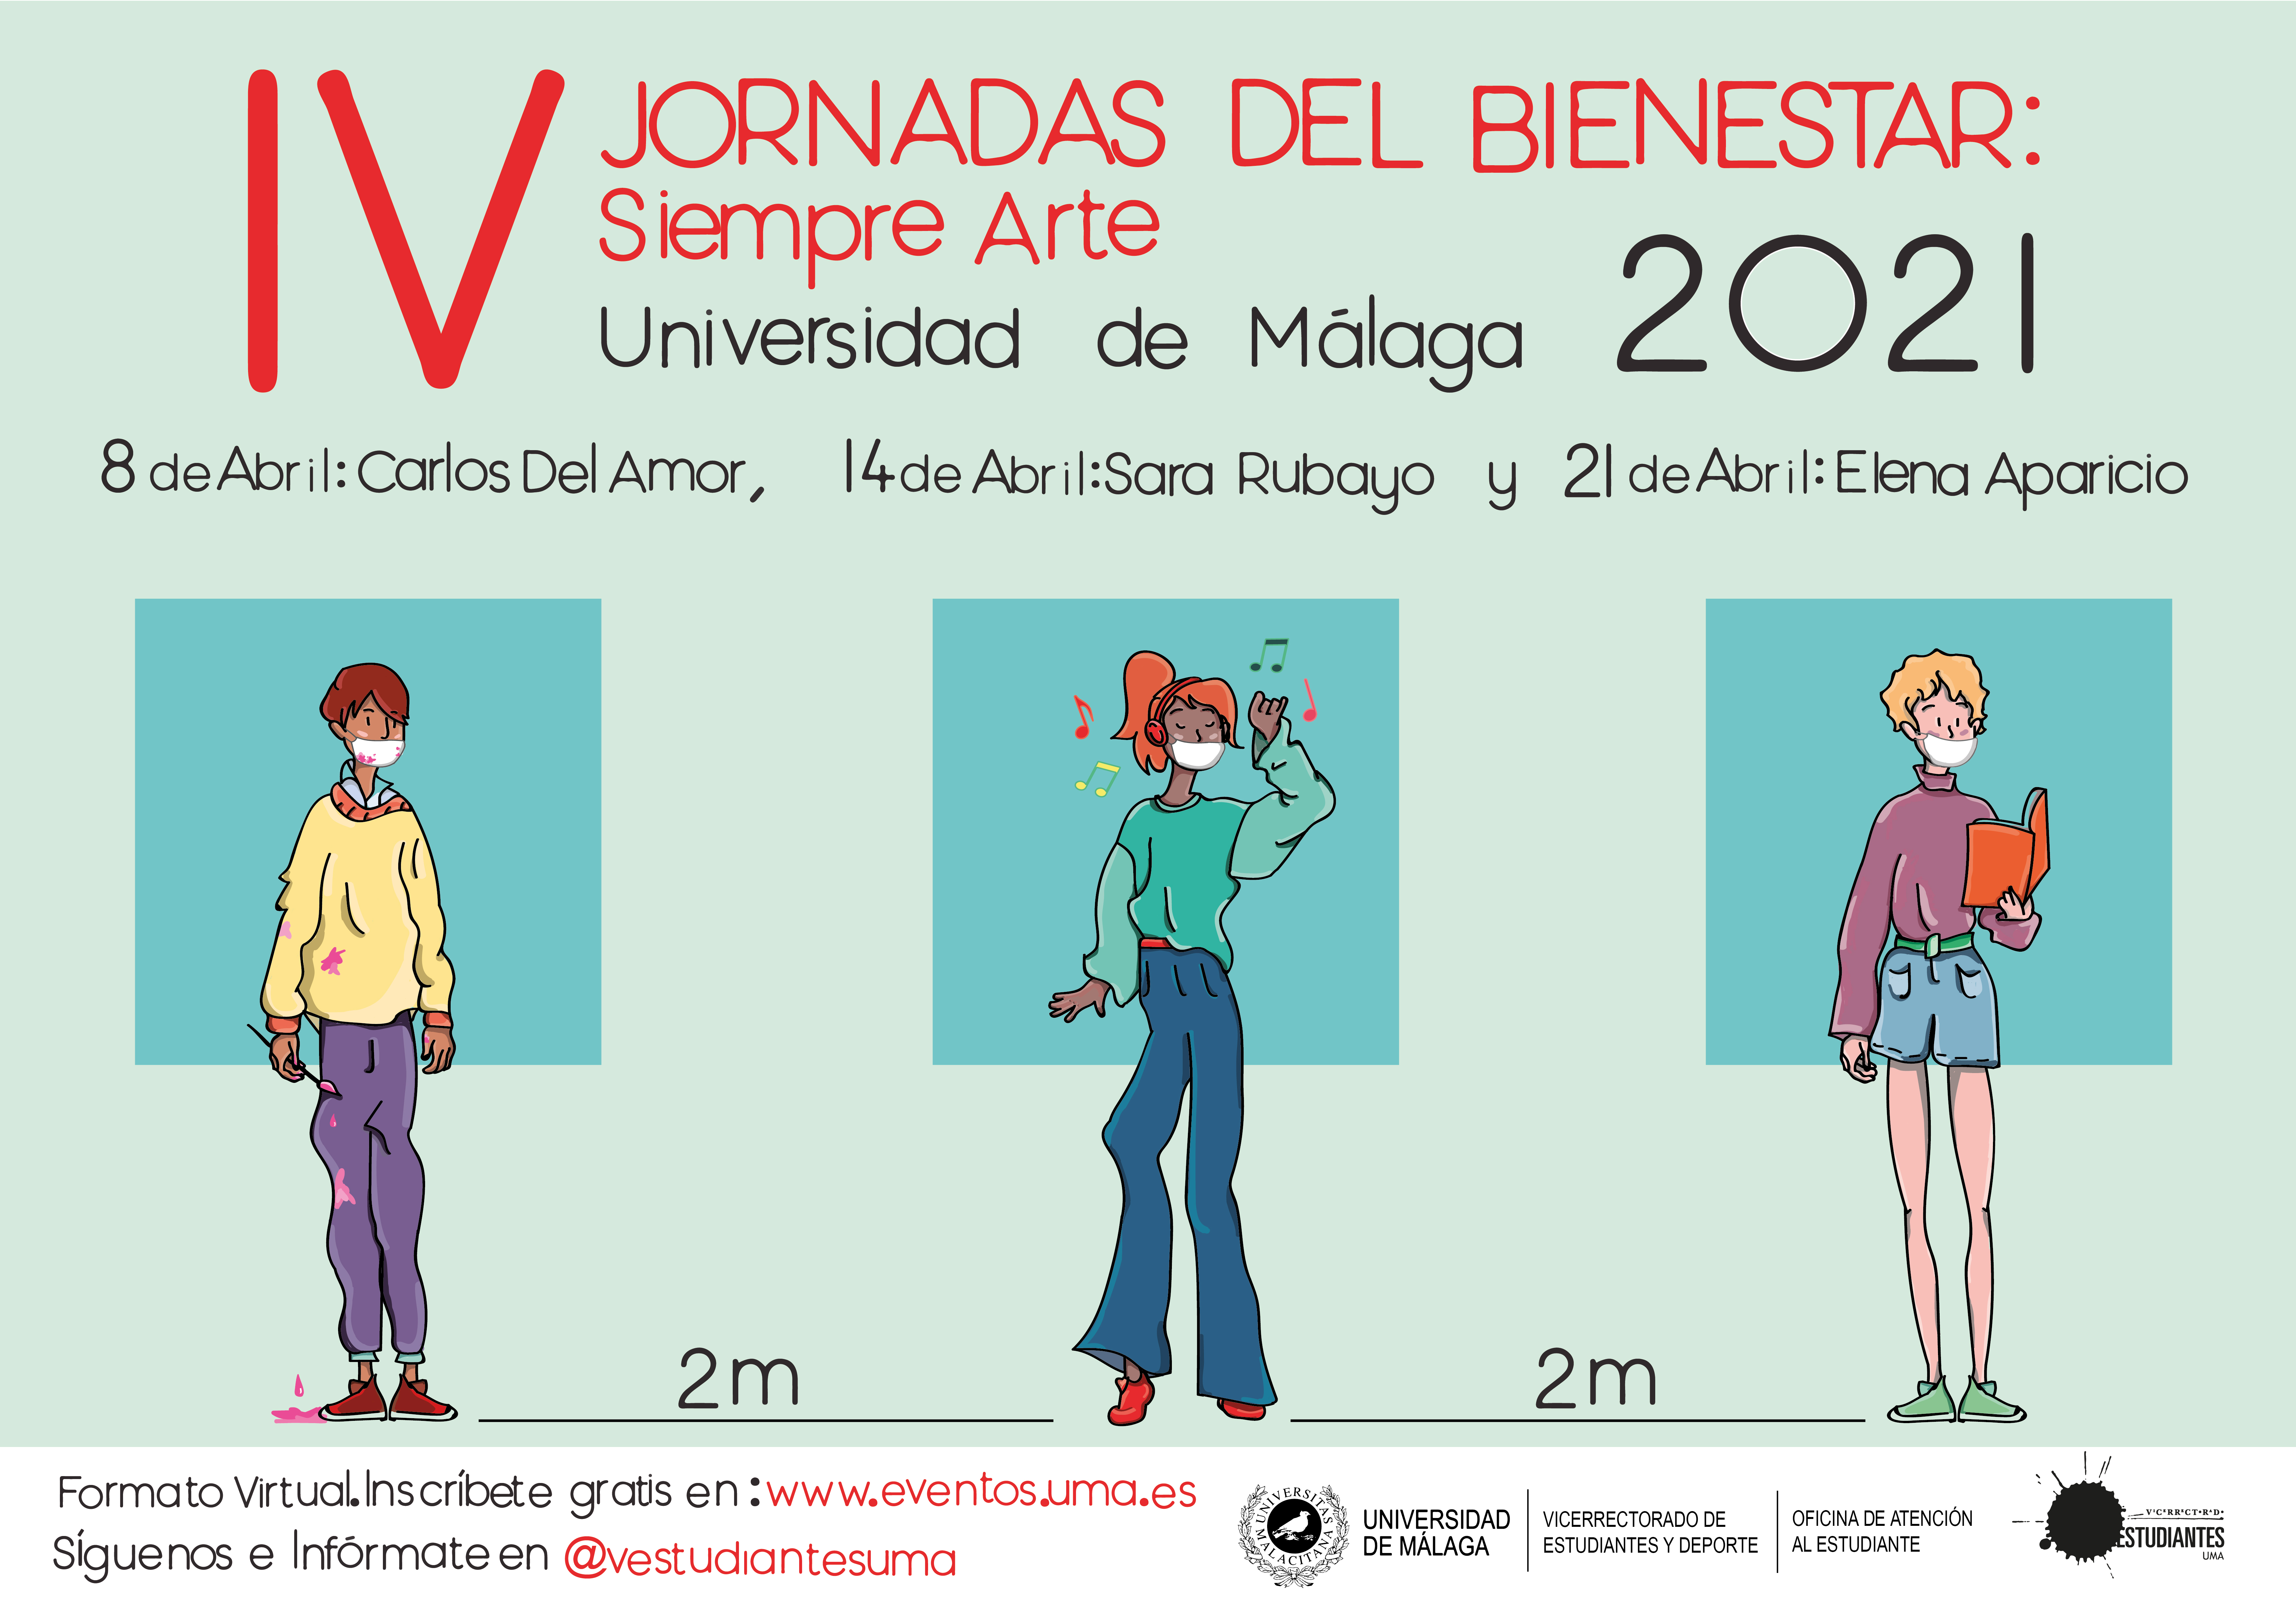 Imagen de la noticia: 8 de abril: IV Jornadas del Bienestar: Siempre Arte (formación abierta de la Universidad de Málaga) [Actualizado]